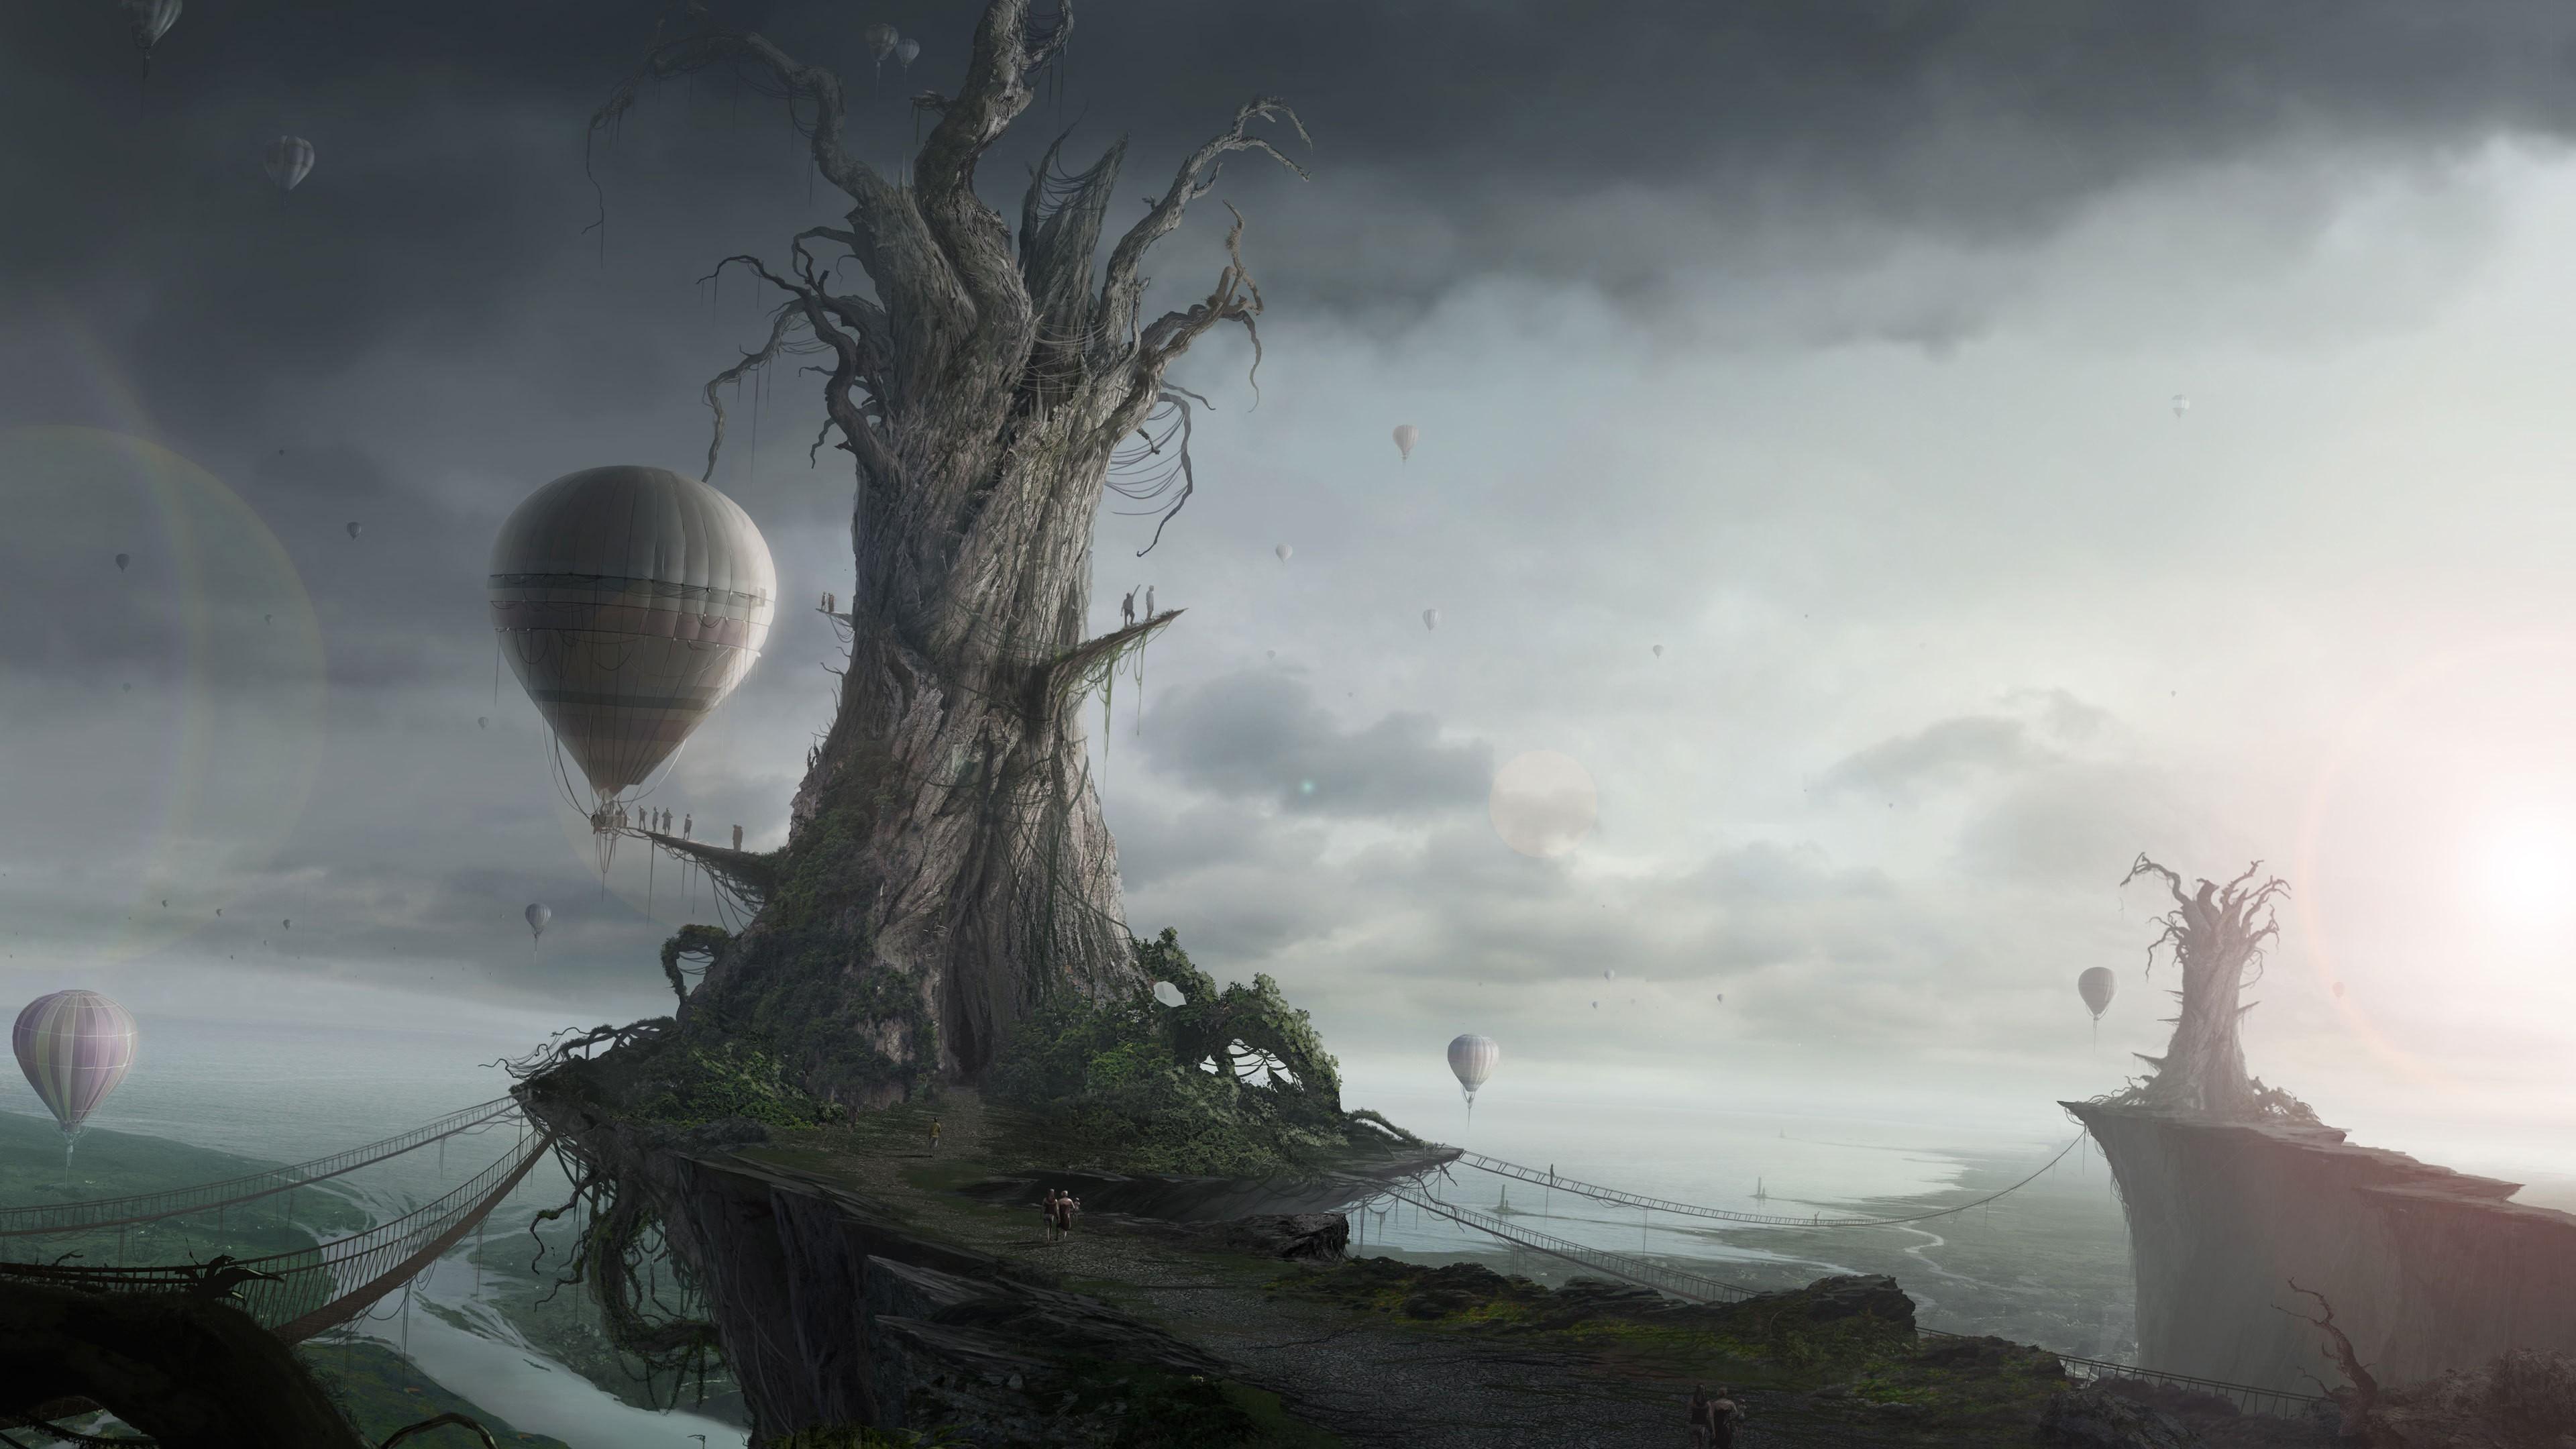 Hd Wallpaper - 4k Sci Fi Fantasy , HD Wallpaper & Backgrounds